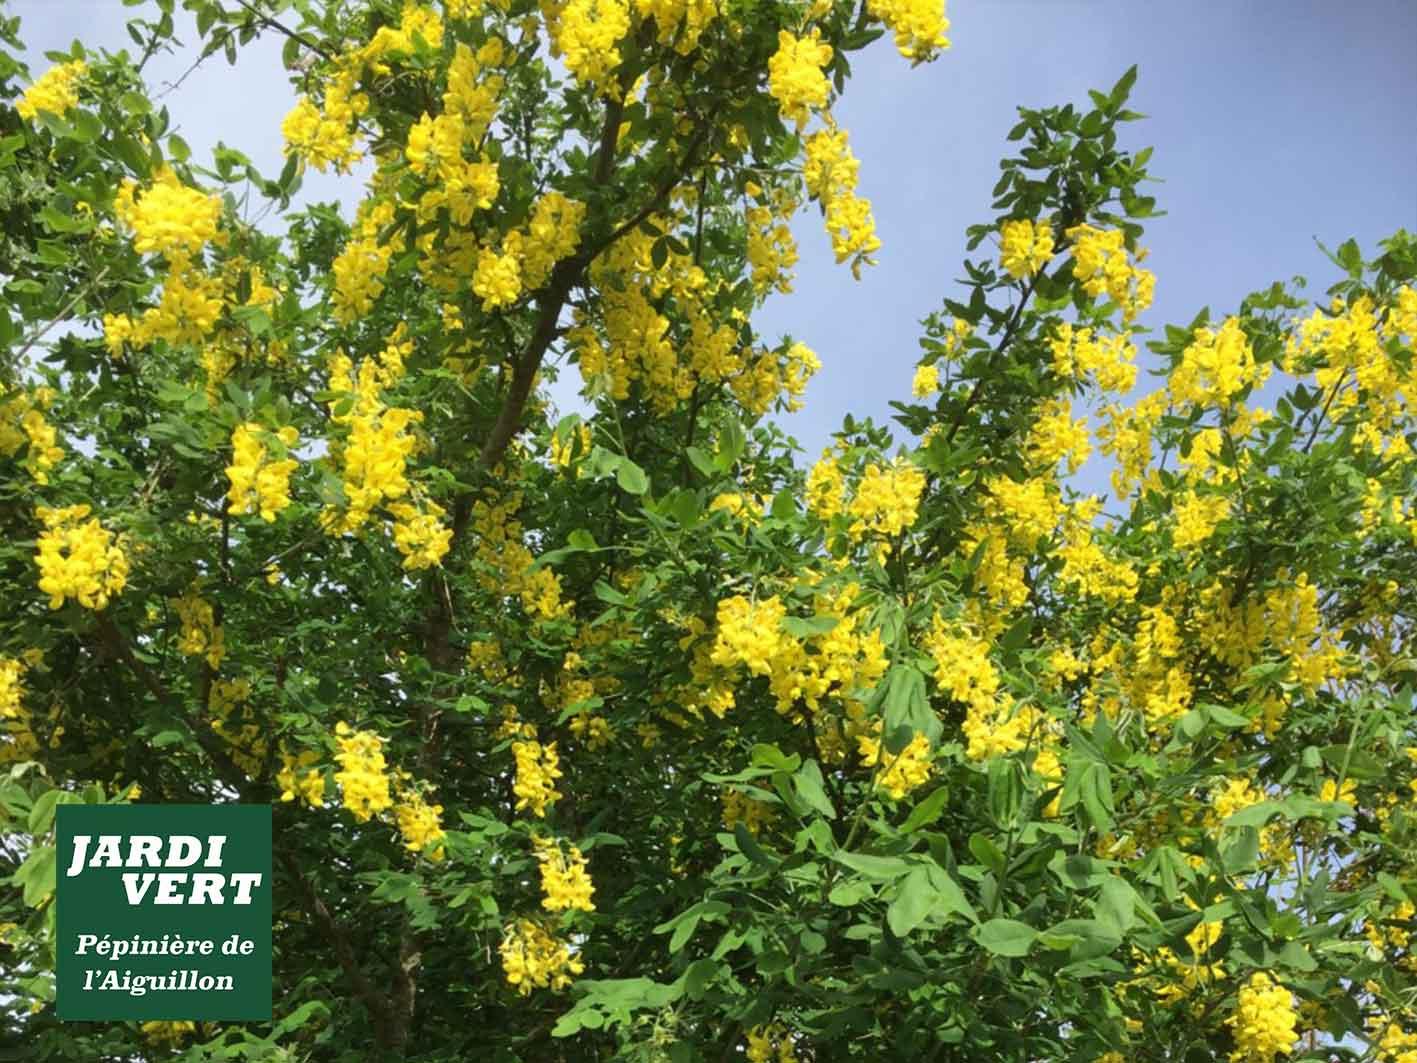 Vente d'arbres fleuris et à petit développement - spécial petit jardin